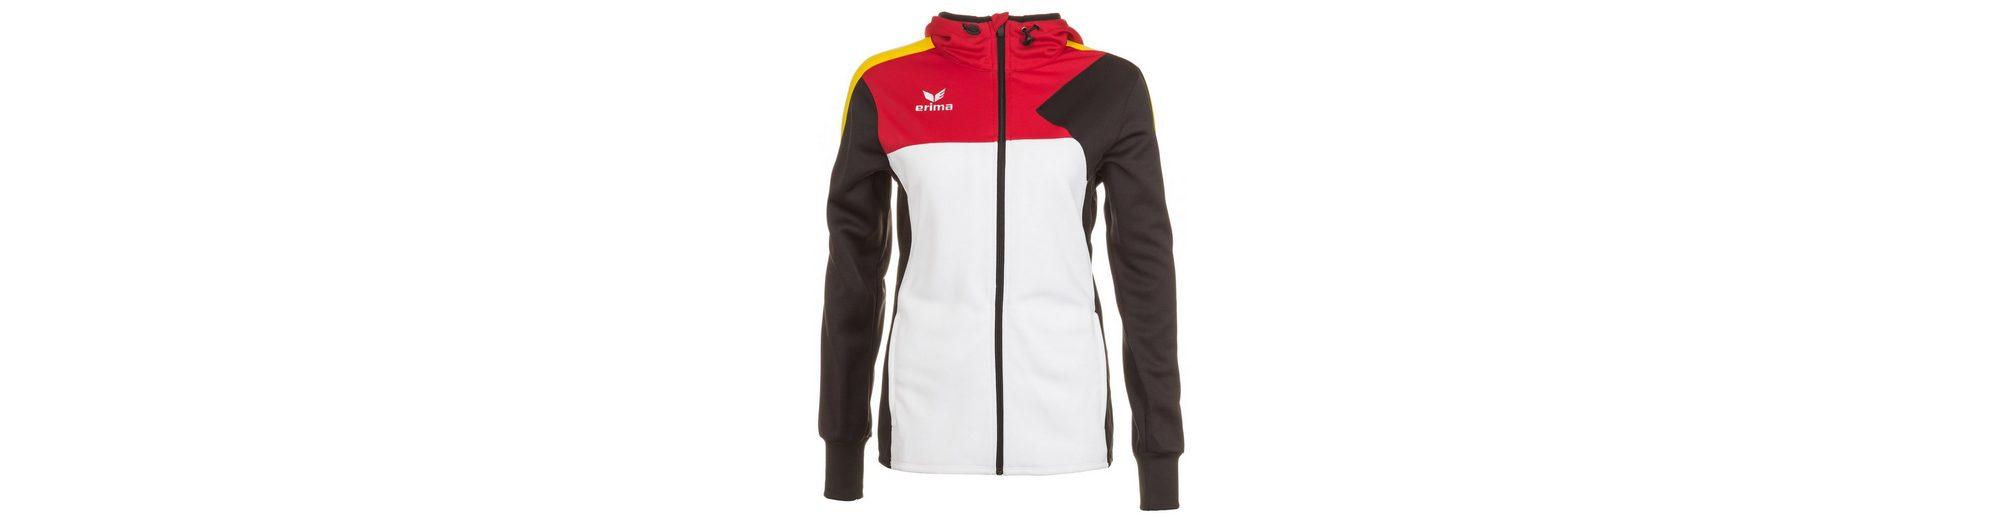 ERIMA Premium One Trainingsjacke mit Kapuze Damen Billige Sammlungen EwPZa